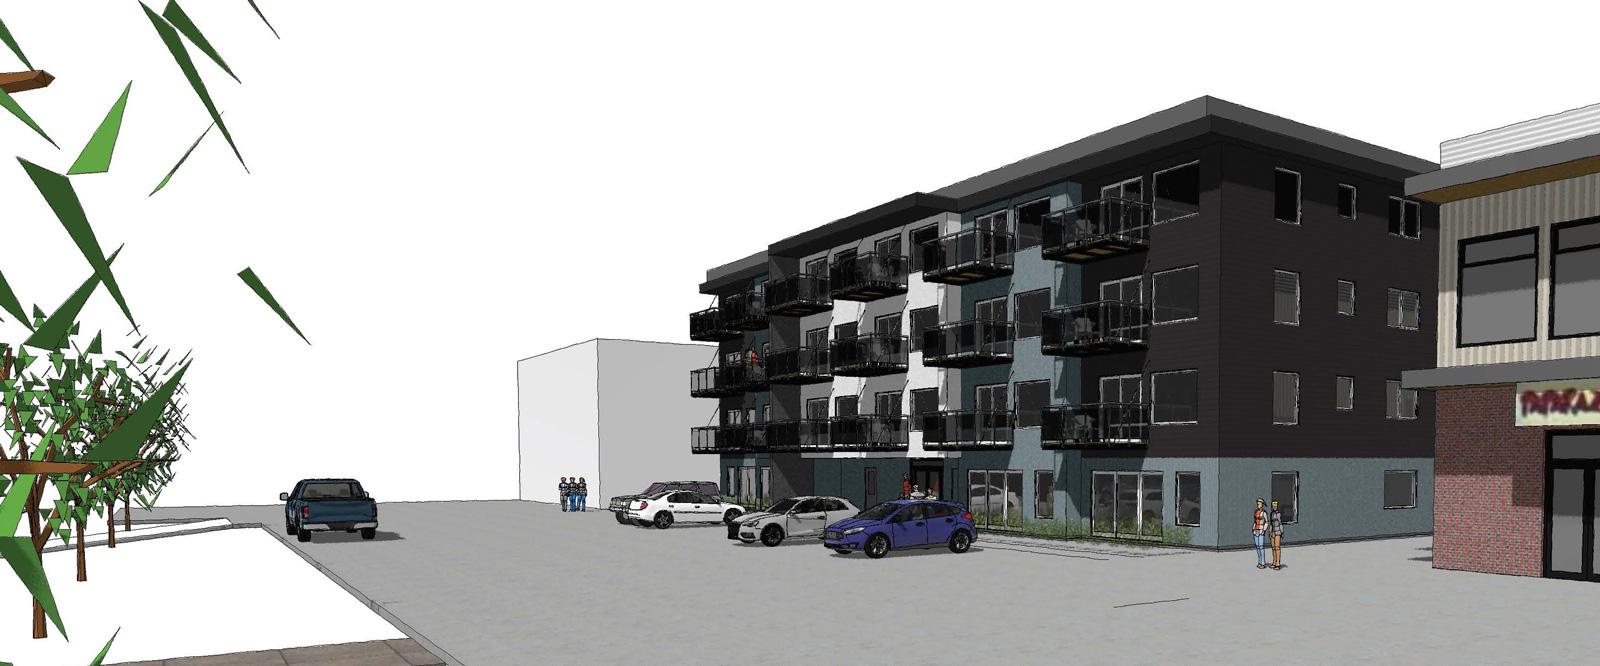 Powell river condo development 02